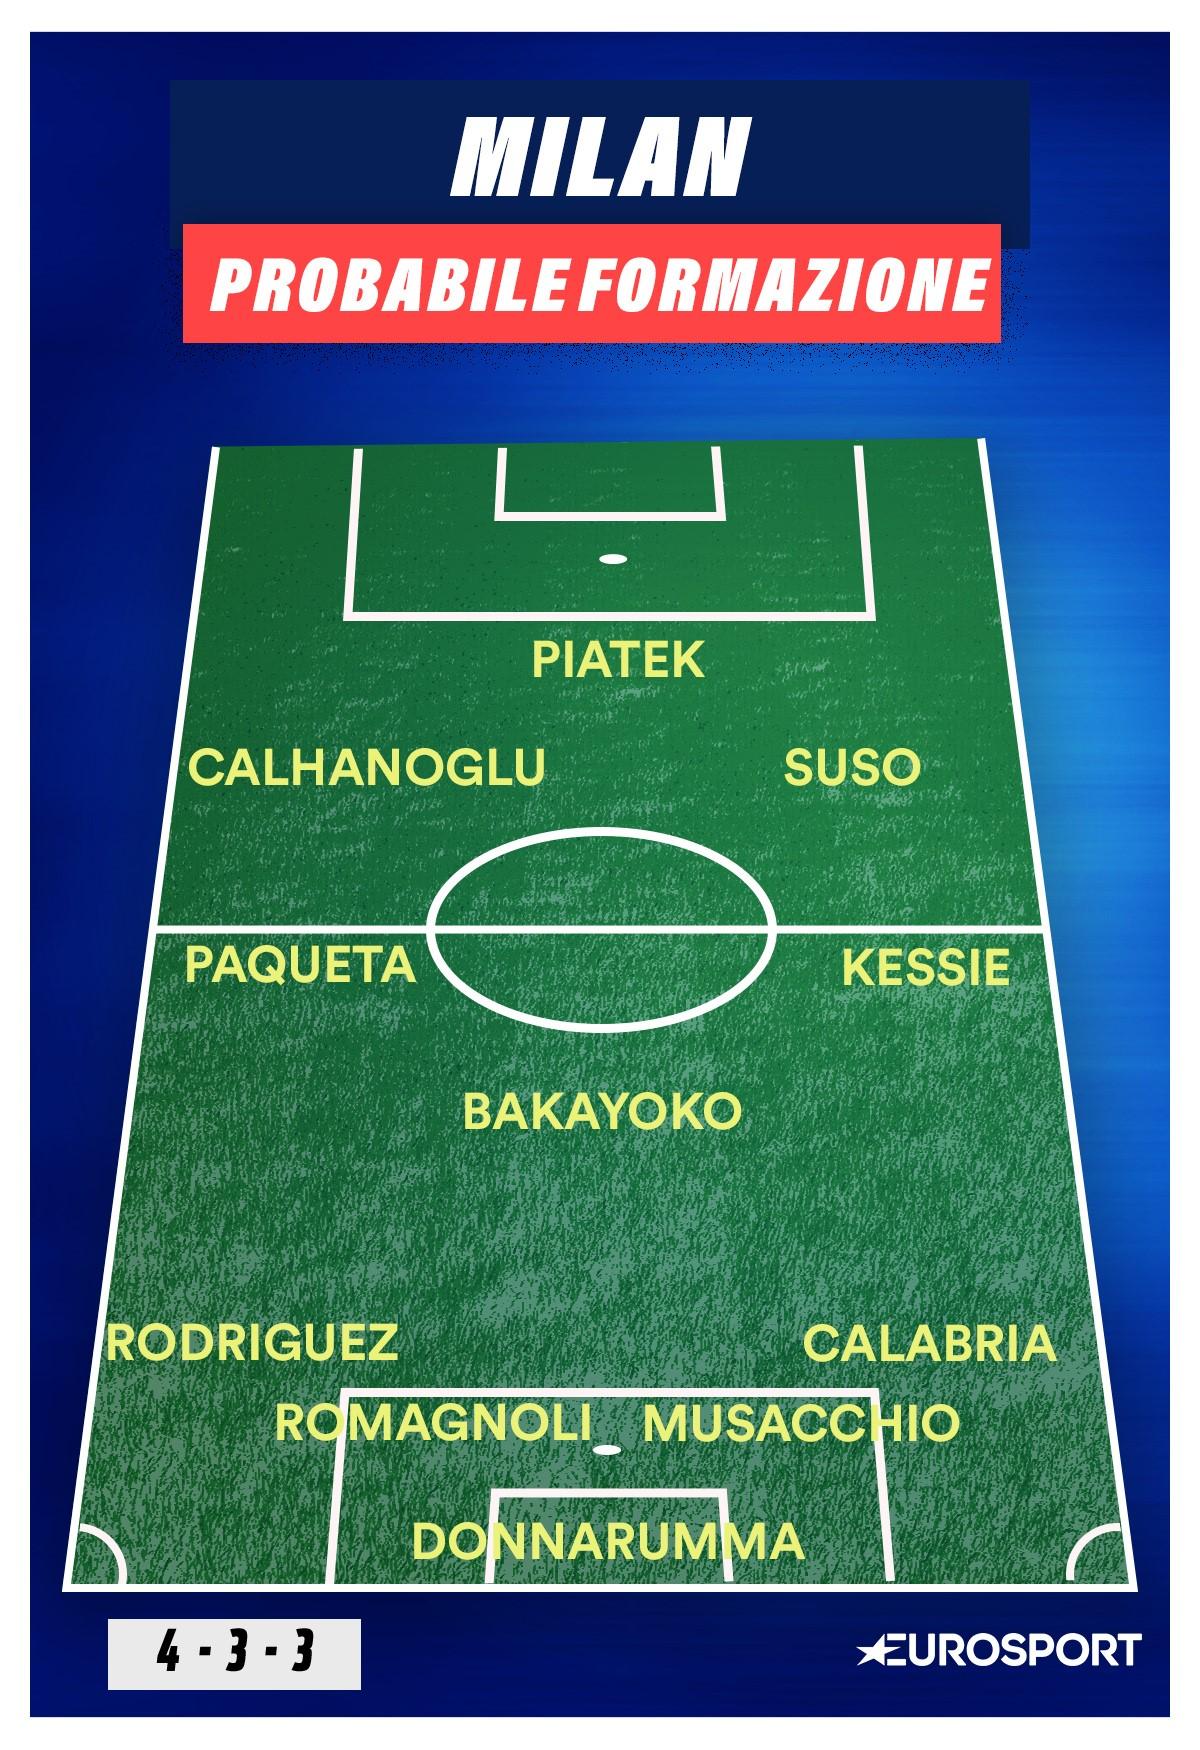 La probabile formazione del Milan contro l'Inter, Eurosport